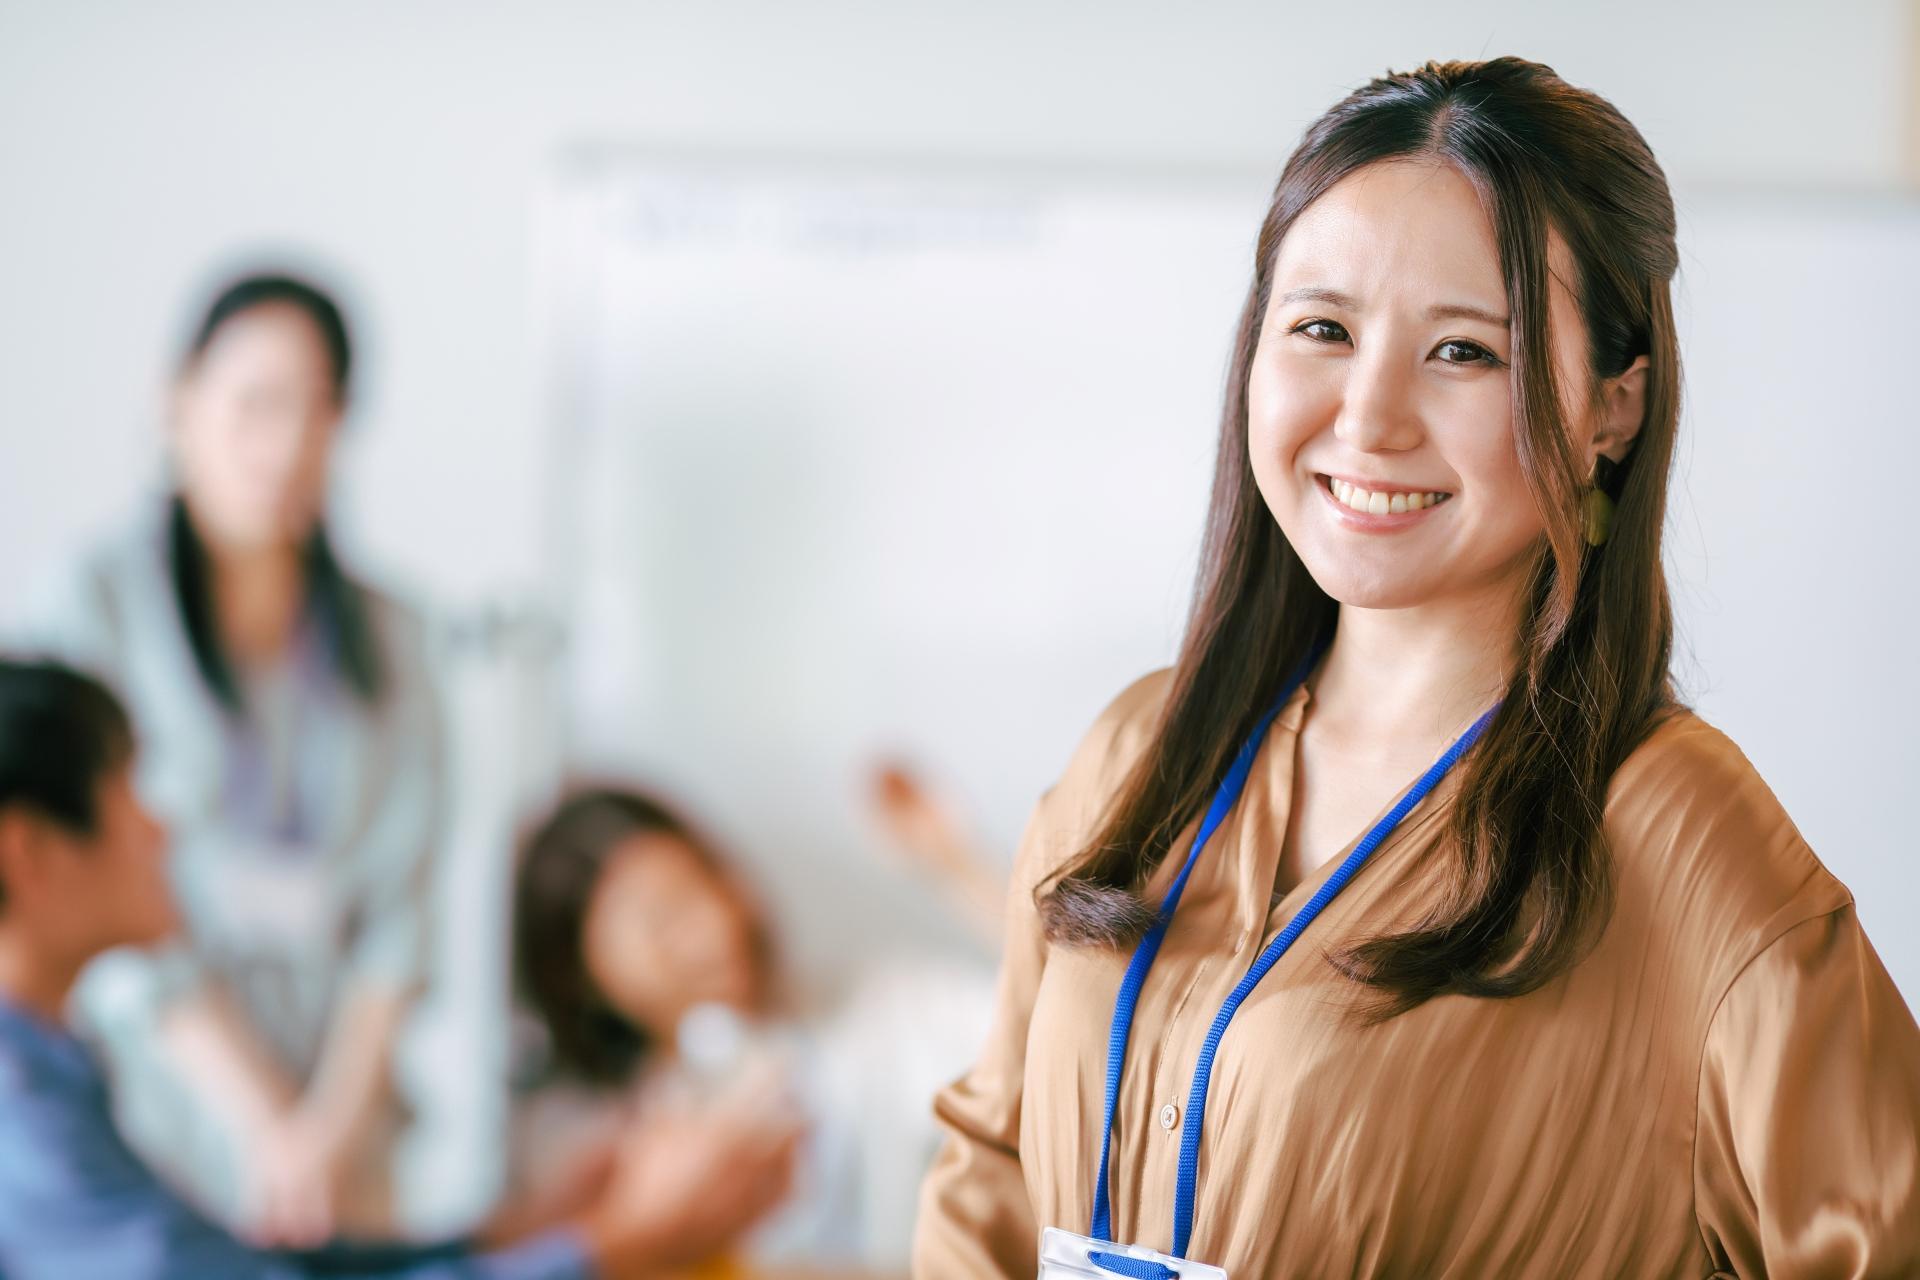 就労移行支援事業所のリワーク支援とは?復職に向けて準備をしていますか?